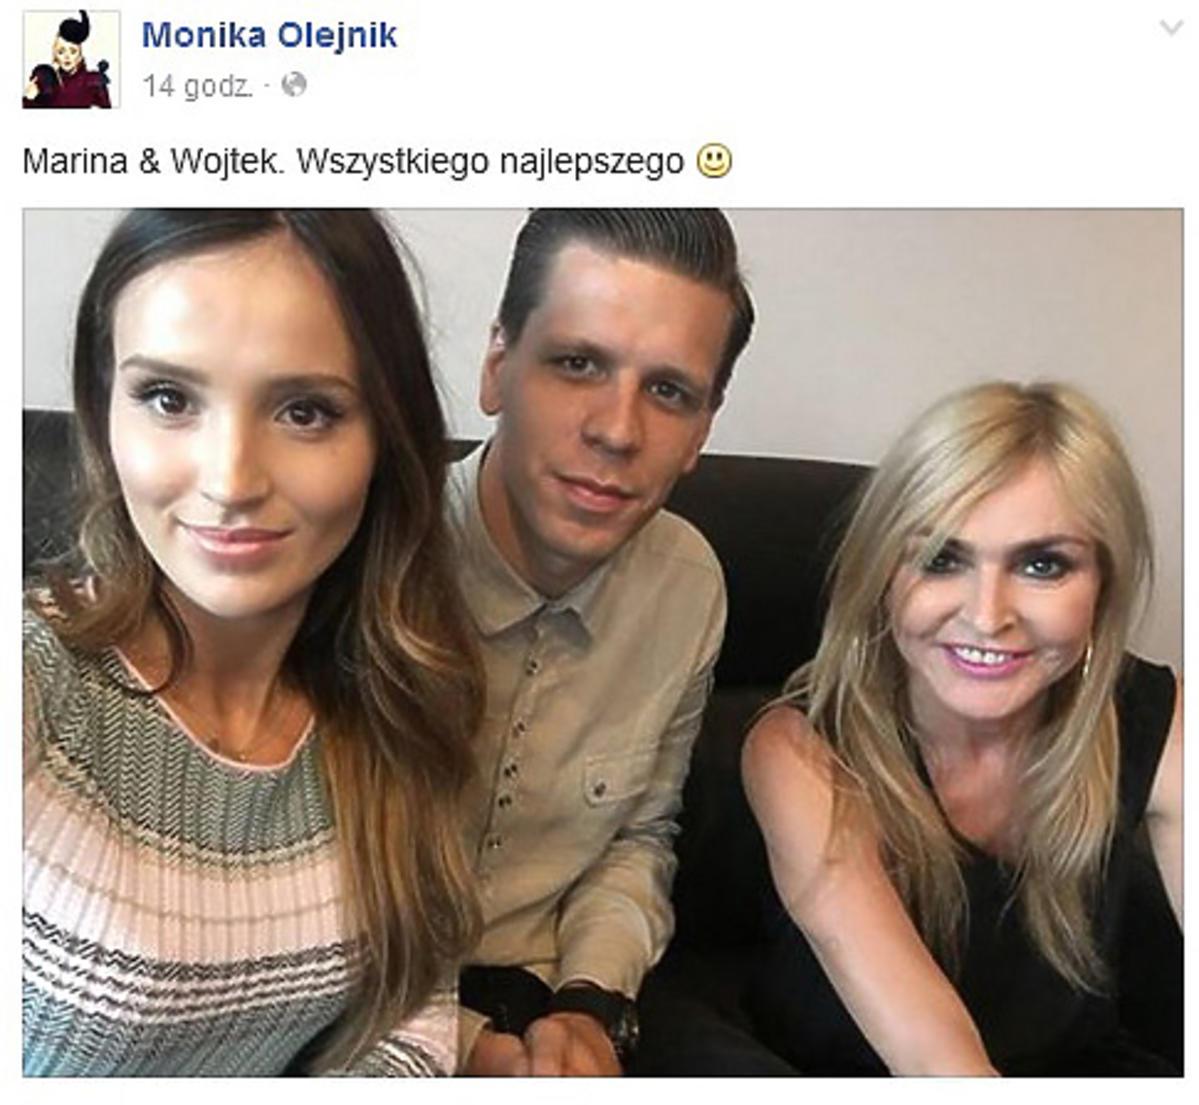 Monika Olejnik pokazała zdjęcie z Mariną i Wojtkiem Szczęsnym